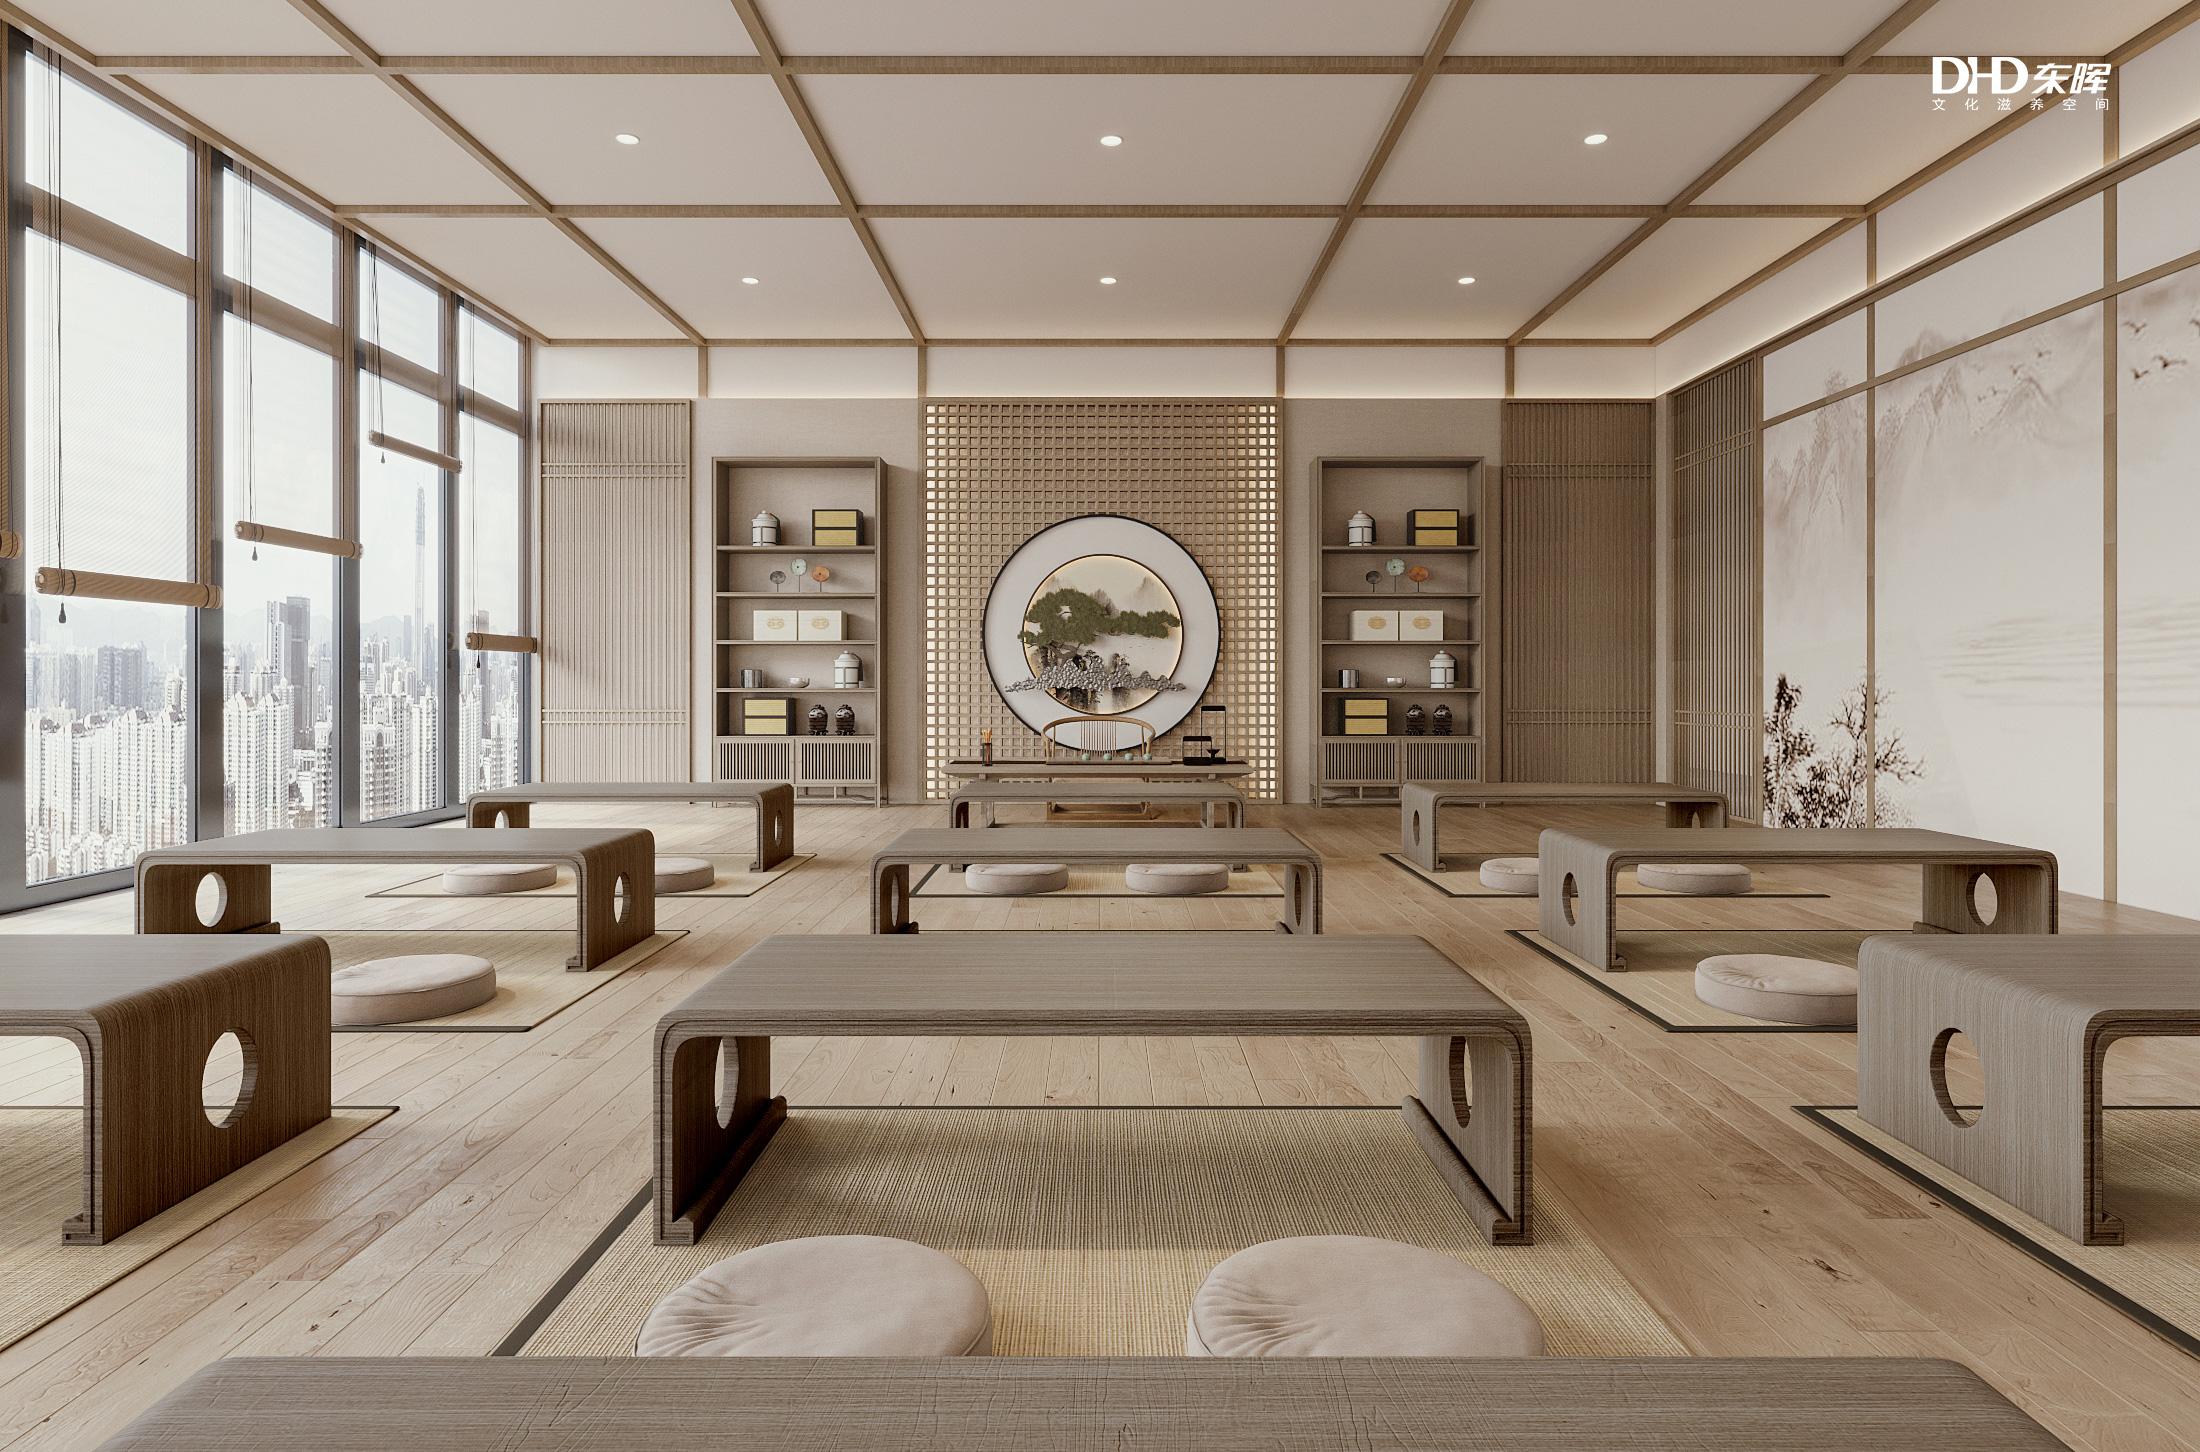 售楼处设计工程,售楼处设计案例,售楼处软装设计